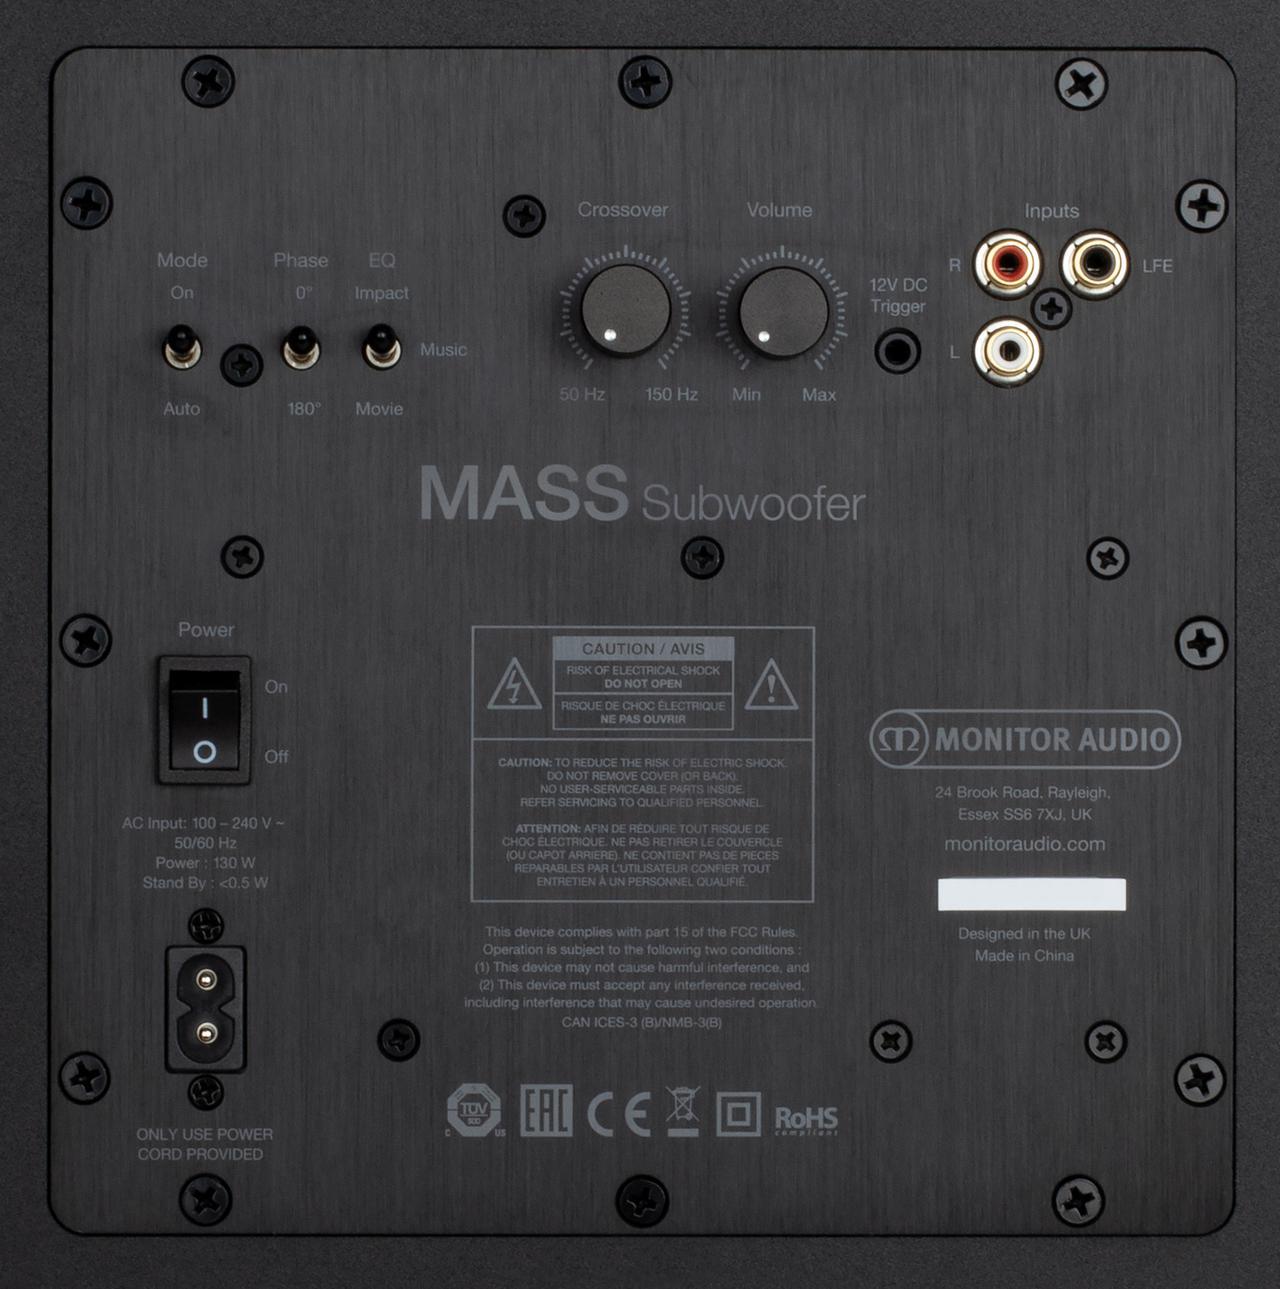 画像: 今回の視聴ではMASS-2G Subwooferのクロスオーバーを100Hzに設定して視聴した(MASS-2G Satelliteはオールスモールに設定)。アンプは120WのクラスD、接続端子はLFEとRCA(L/R)の2系統を配備